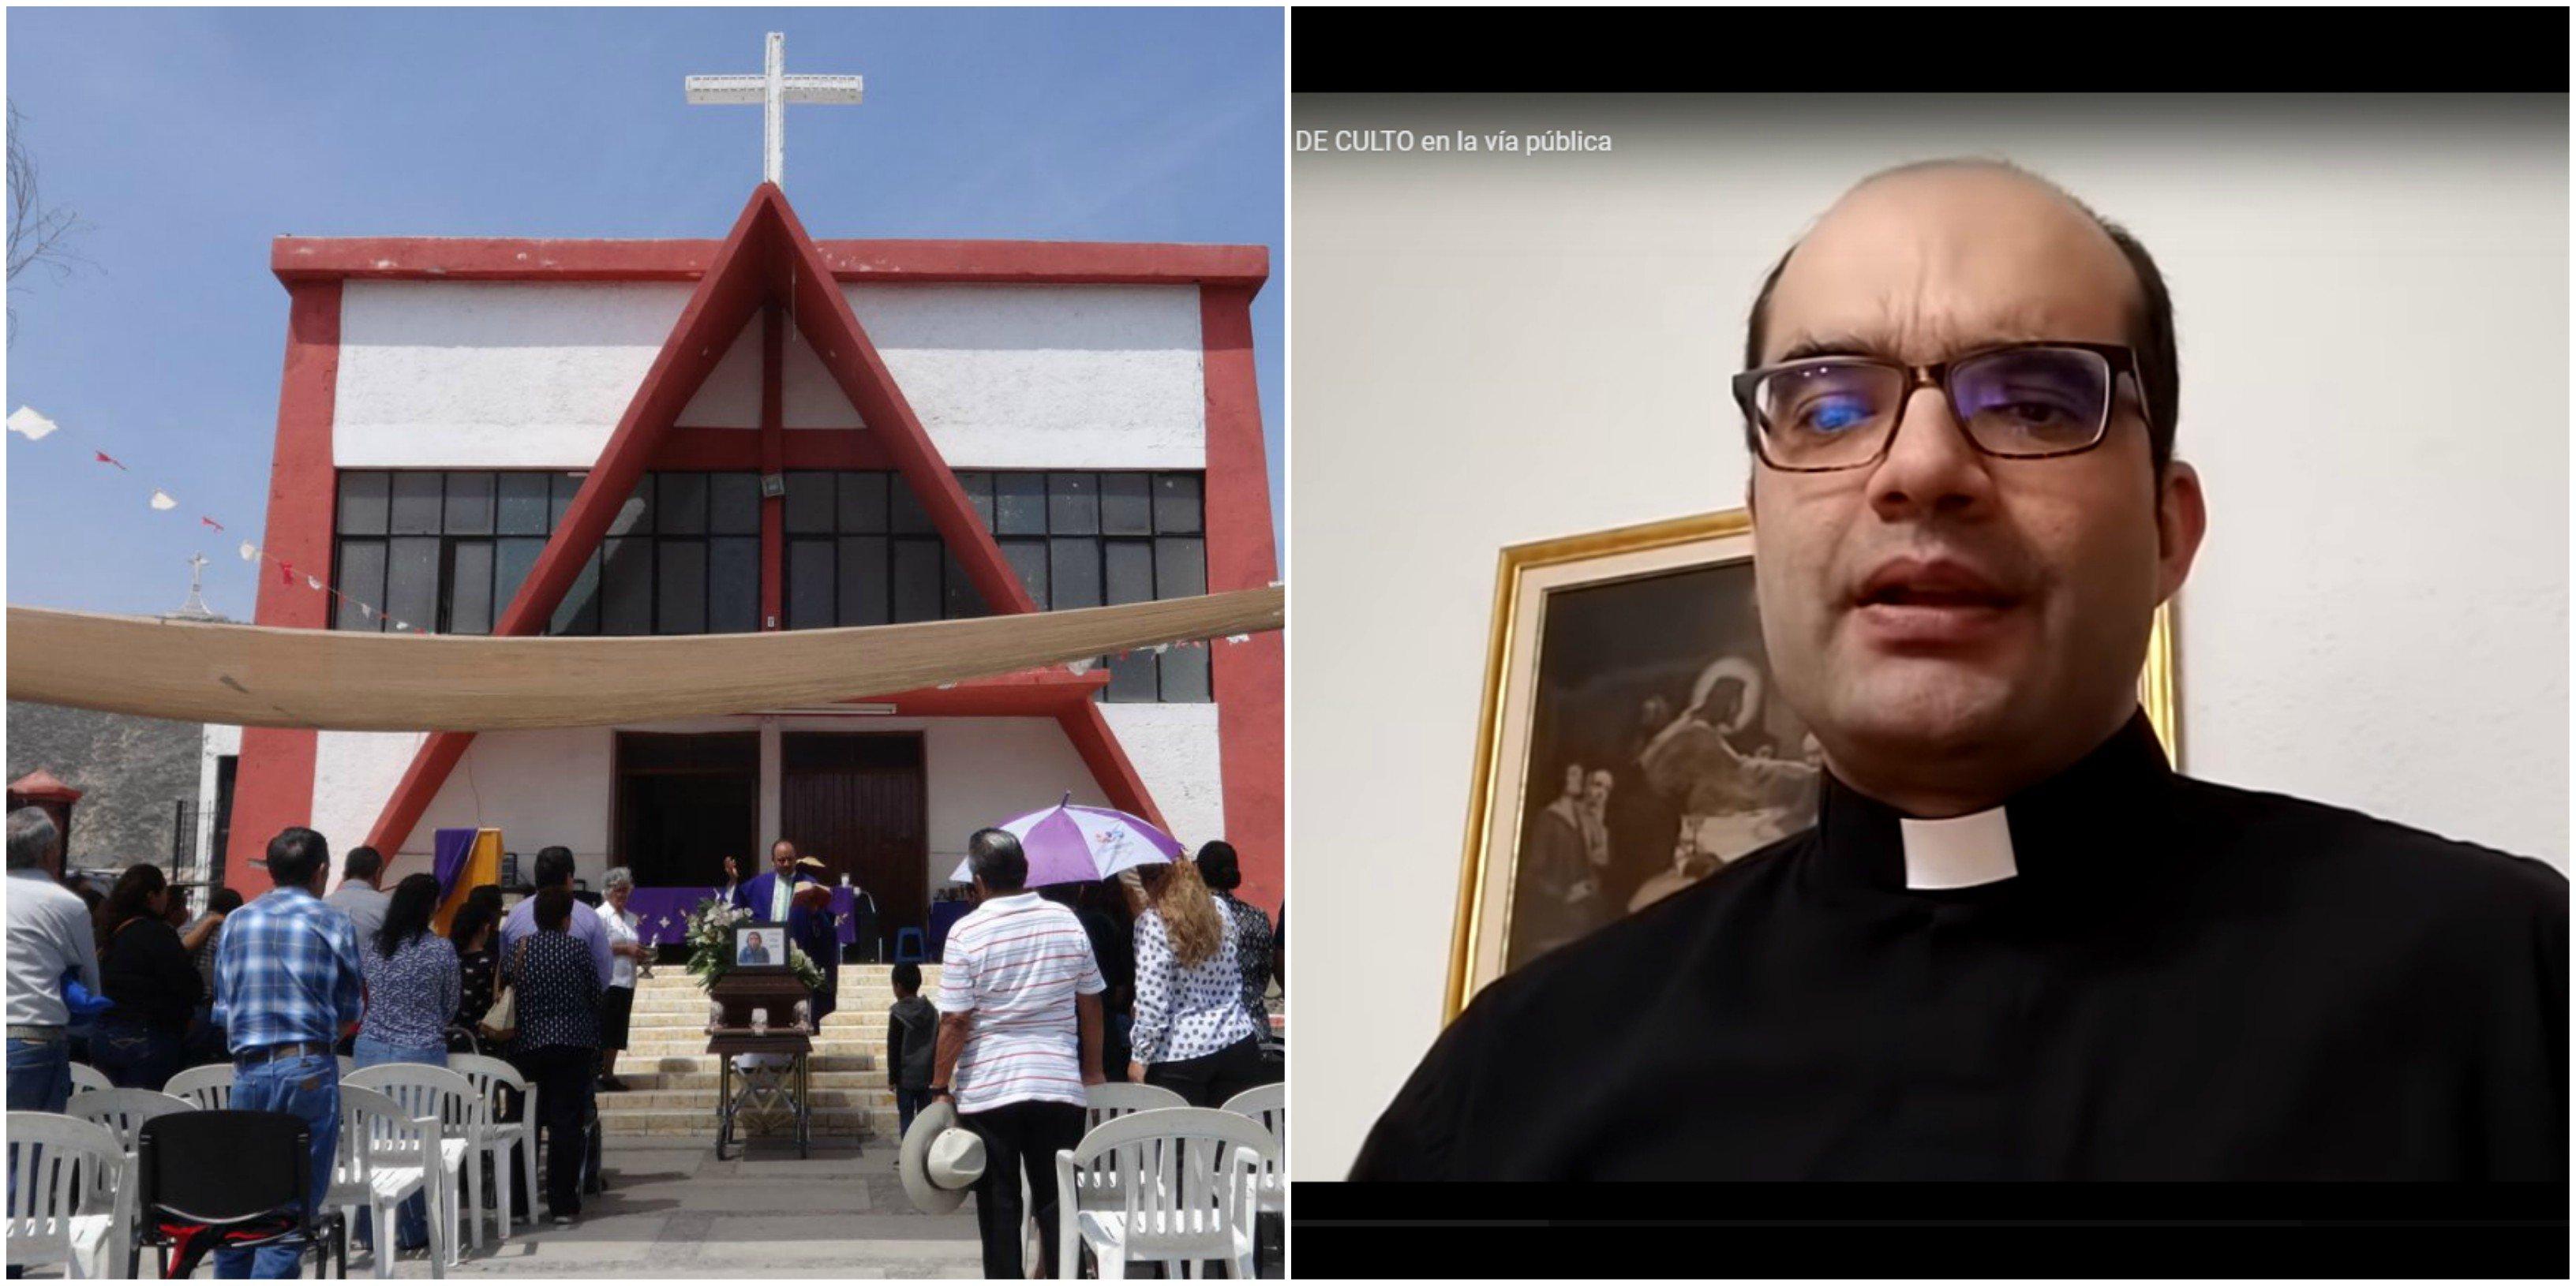 Otra bofetada a la Iglesia: el Gobierno prohíbe el culto en la vía pública